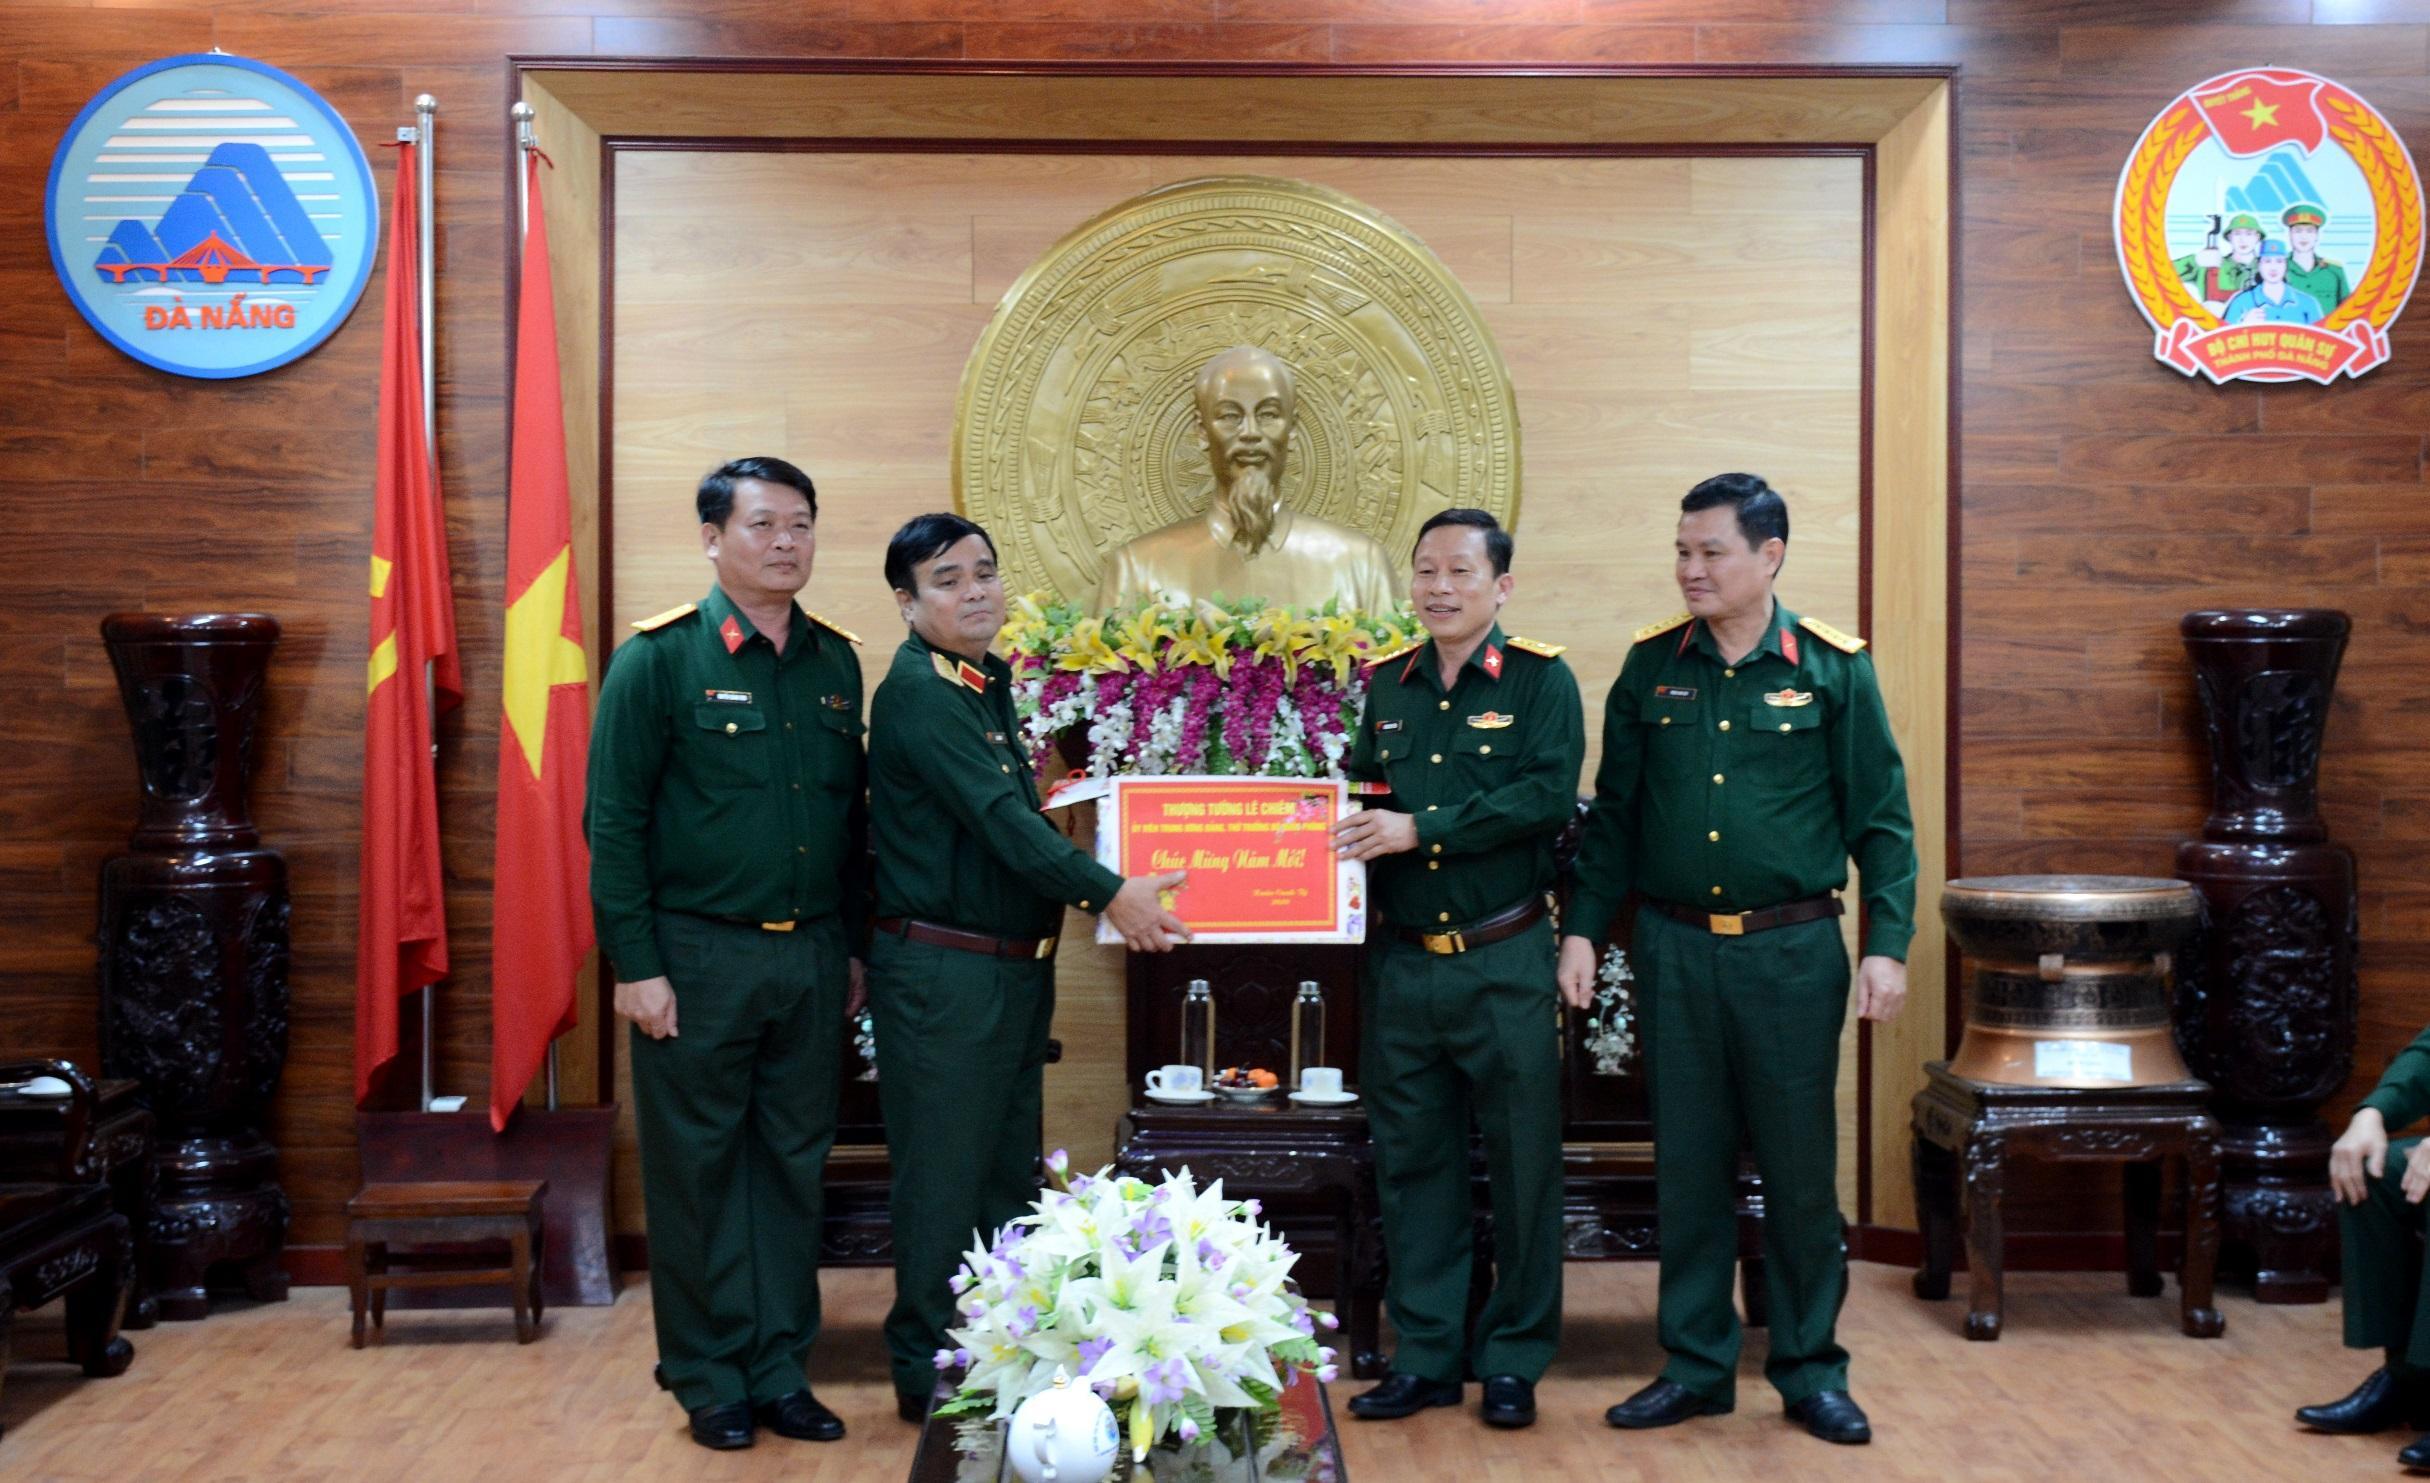 Đoàn công tác Bộ Quốc phòng kiểm tra, chúc tết tại Đà Nẵng Ảnh 1